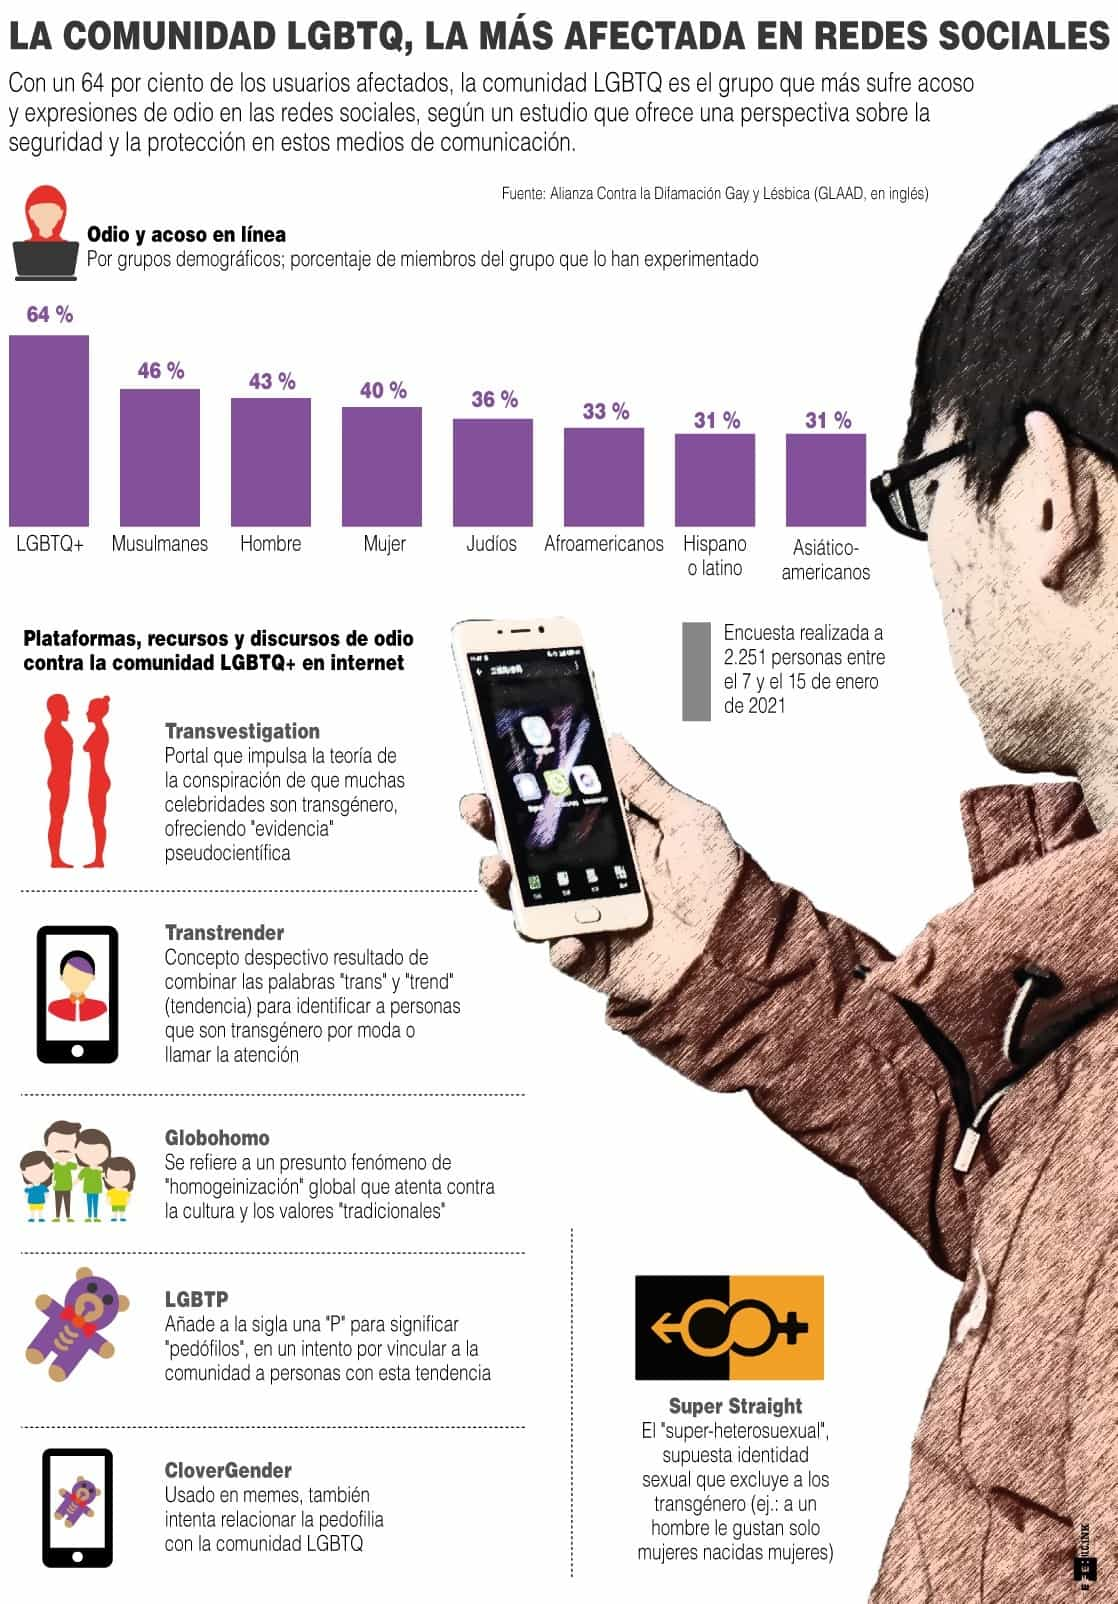 [Infografía] - La comunidad LGBTQ, la más afectada en redes sociales 1